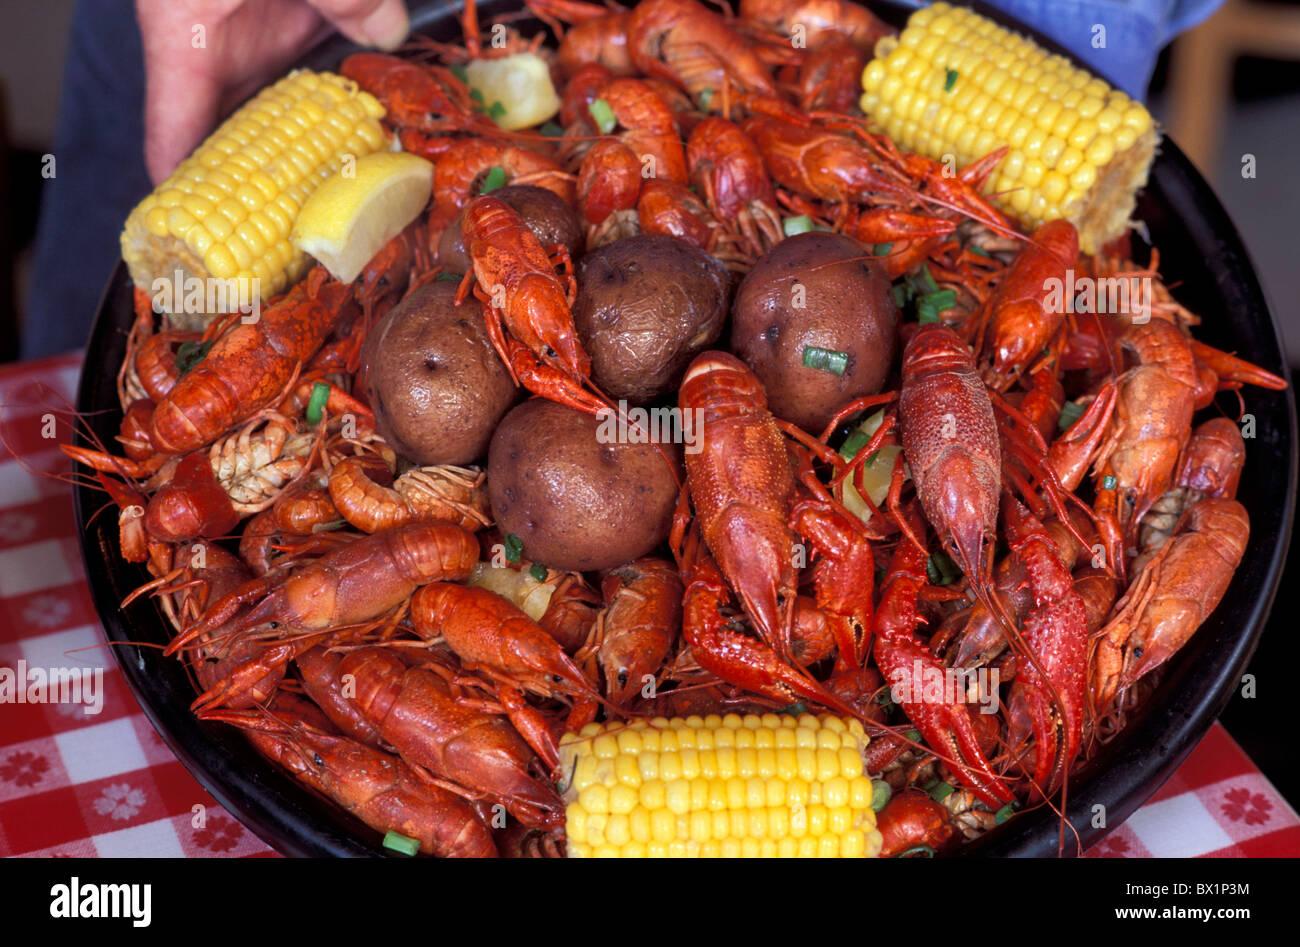 Cajun Food Corn Crawfish Crawfish Dish Food Lake Fruit